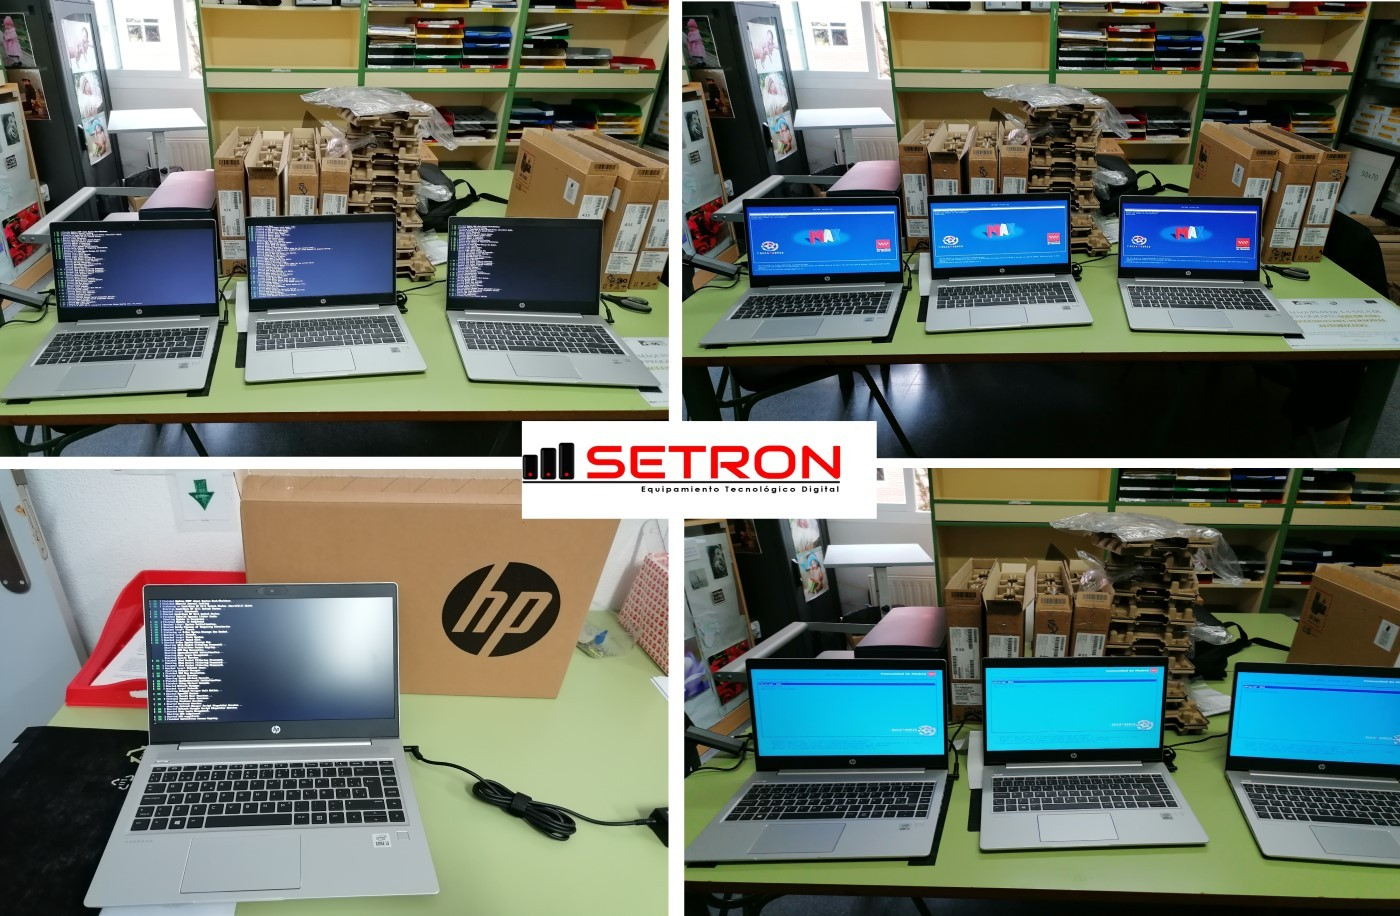 Equipo HP probook 440 G7